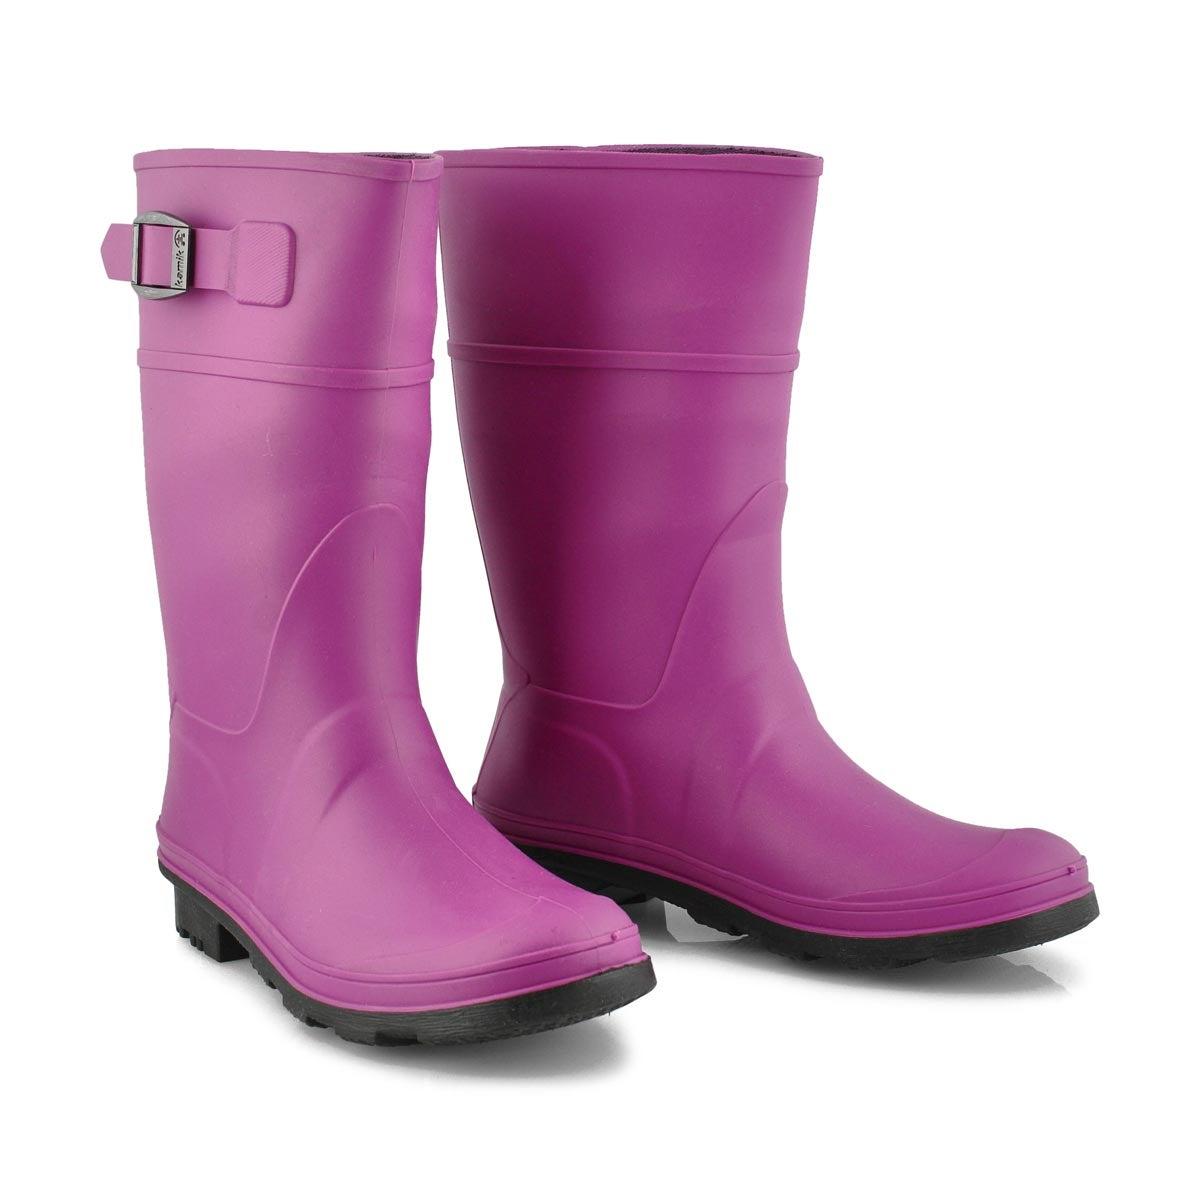 Bottes pluie Raindrops, violet, filles